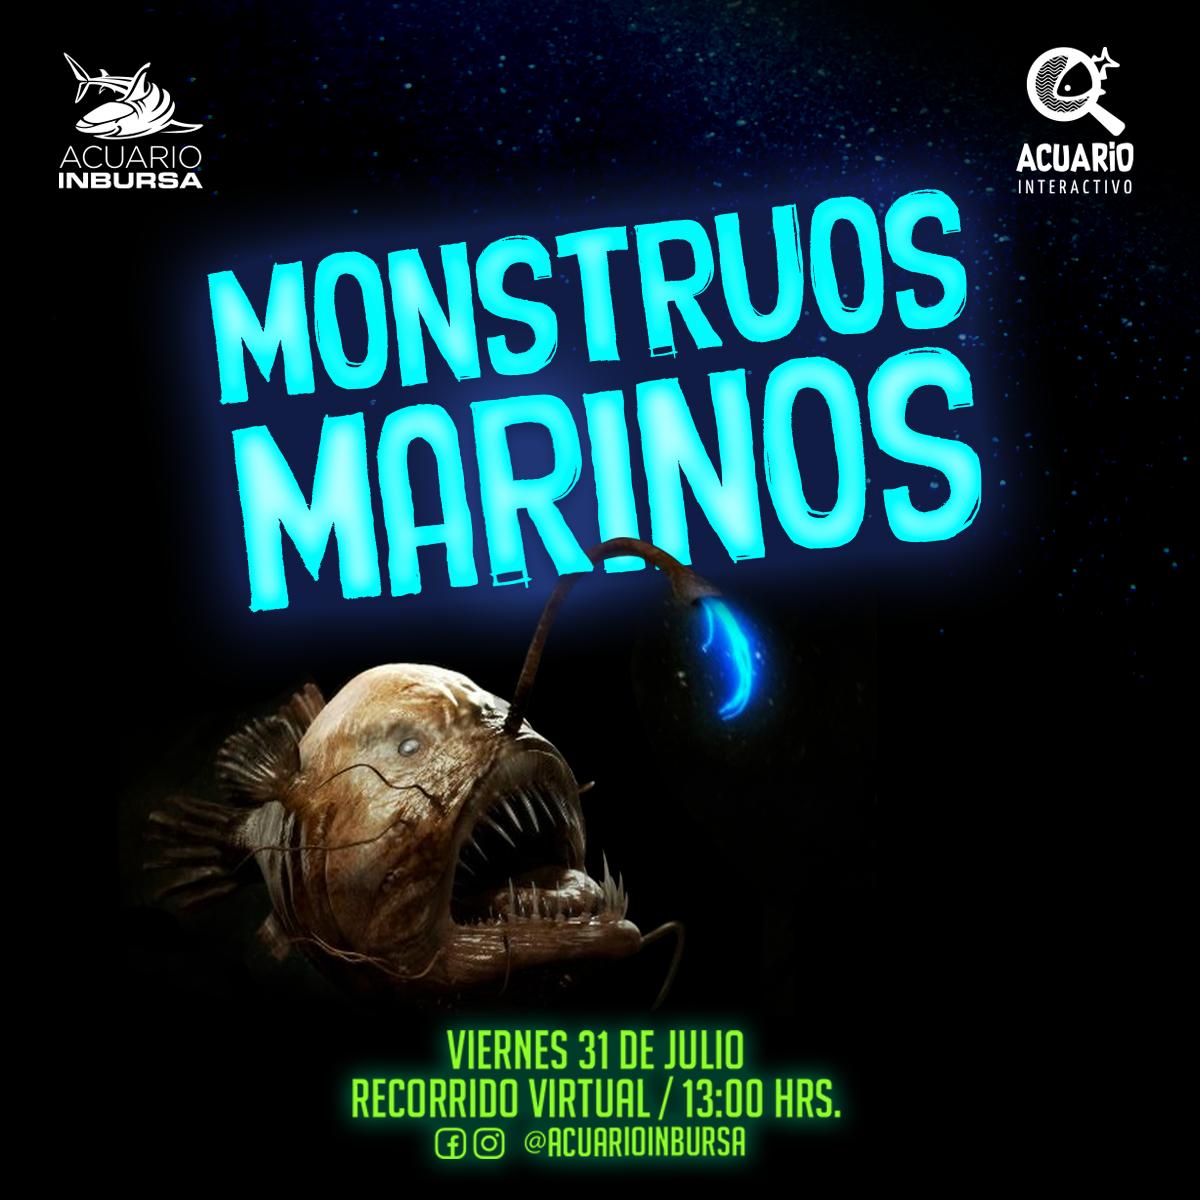 ¡Los Montruos Marinos te Esperan este Viernes!